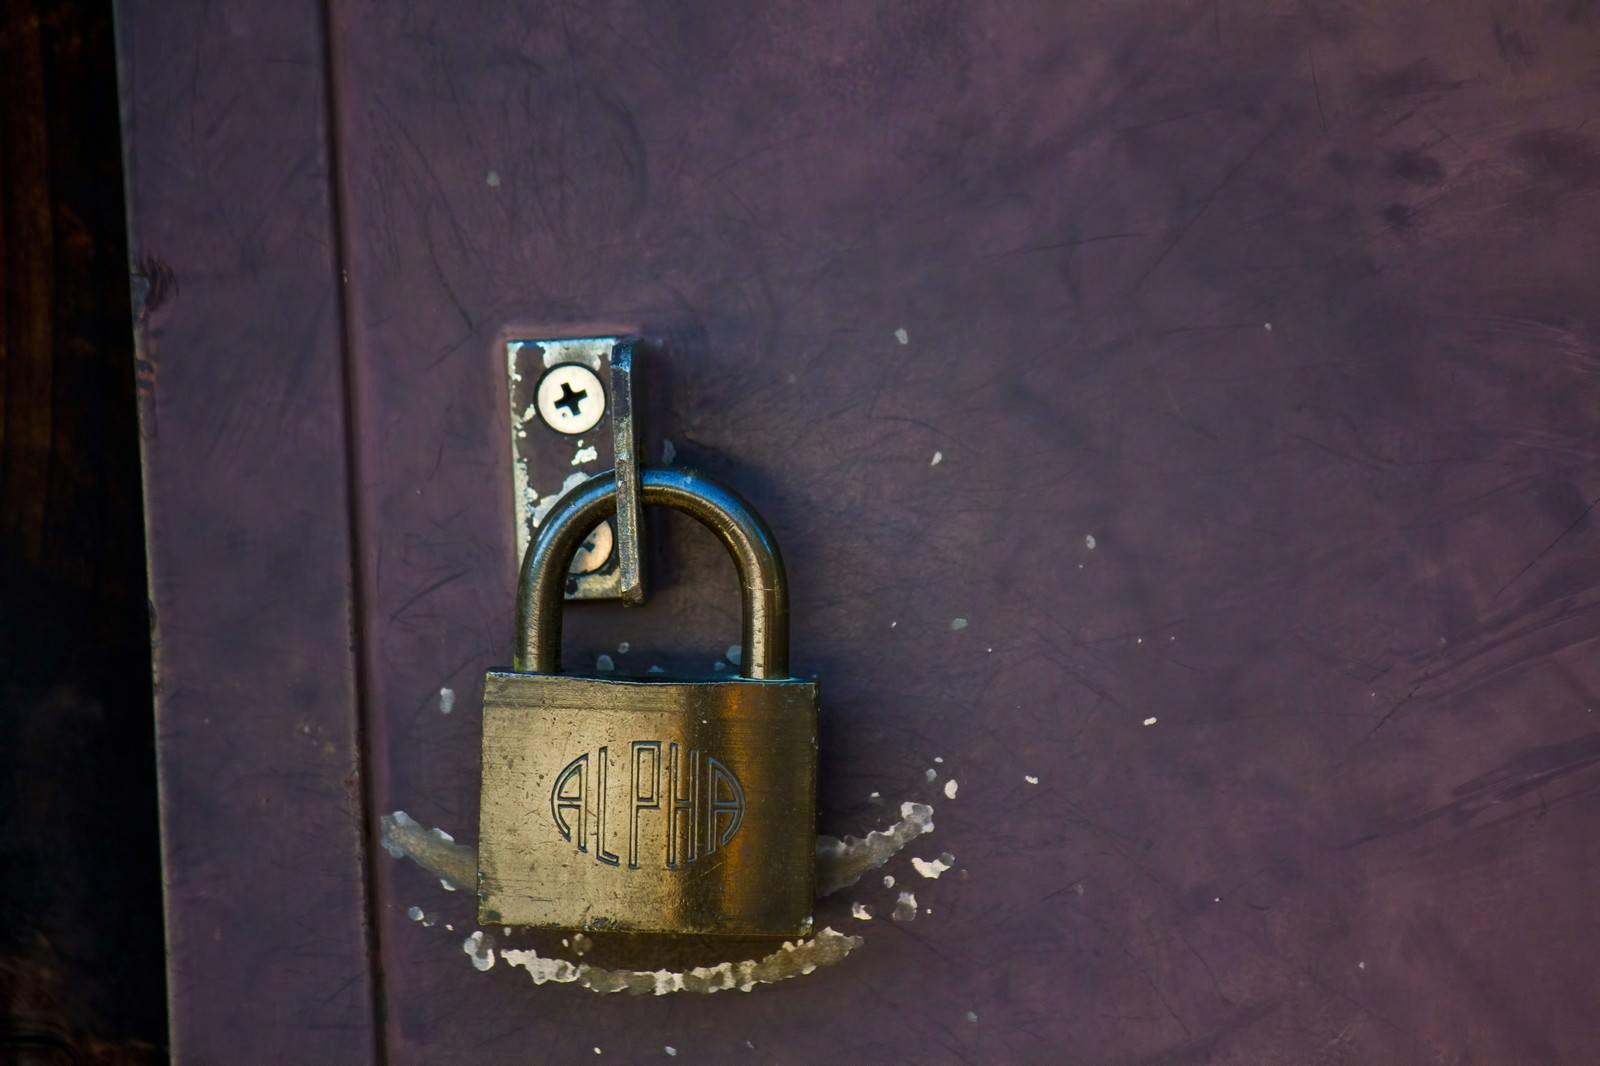 「傷ついた扉と南京錠傷ついた扉と南京錠」のフリー写真素材